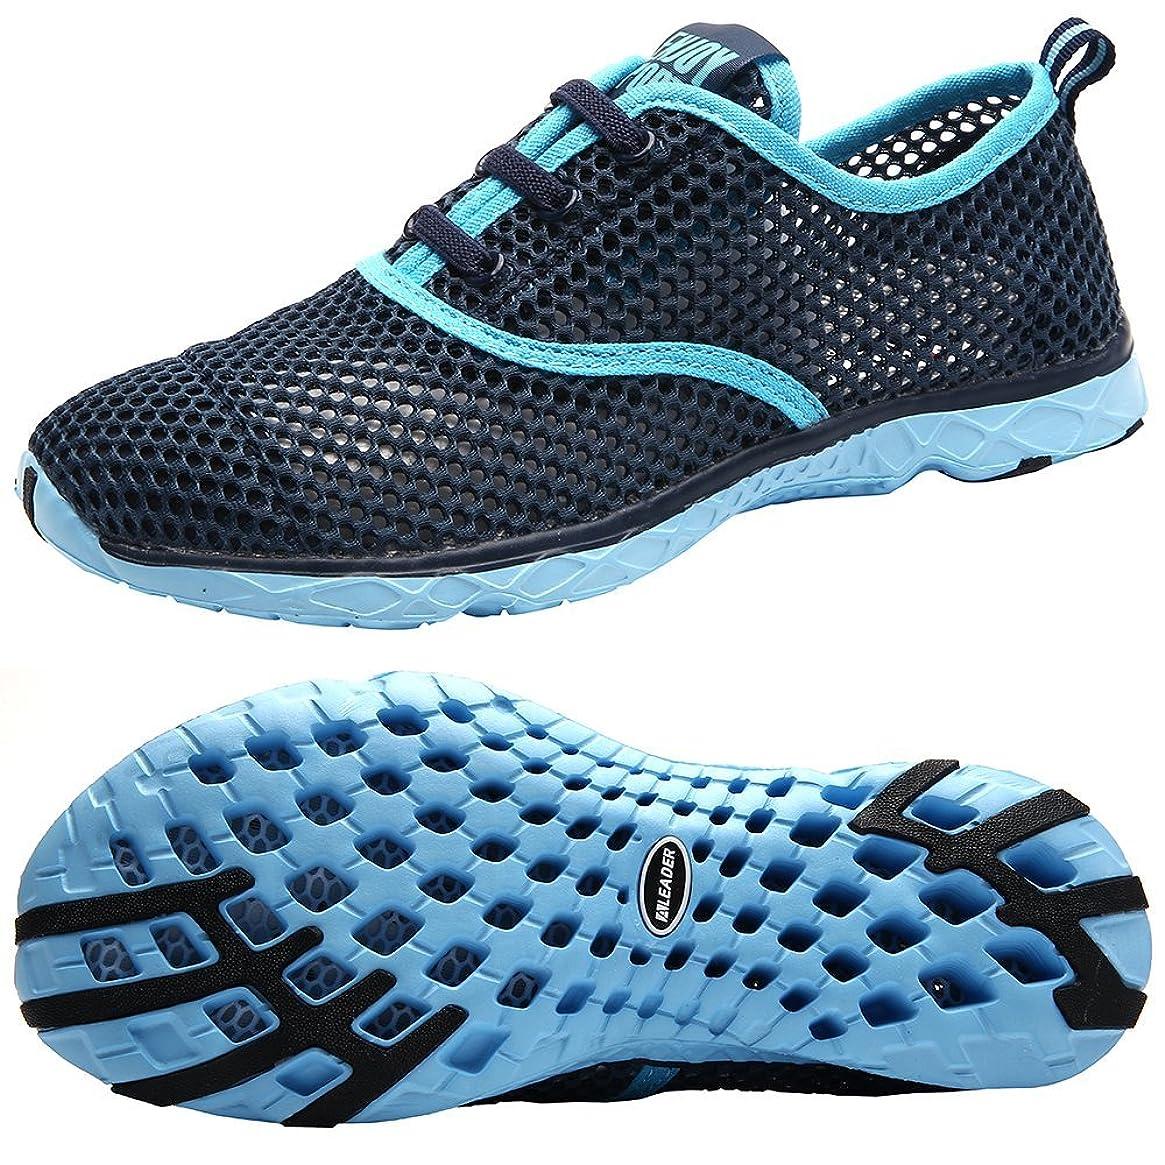 Aleader Women's Quick Drying Aqua Water Shoes fzduuxoouy30289